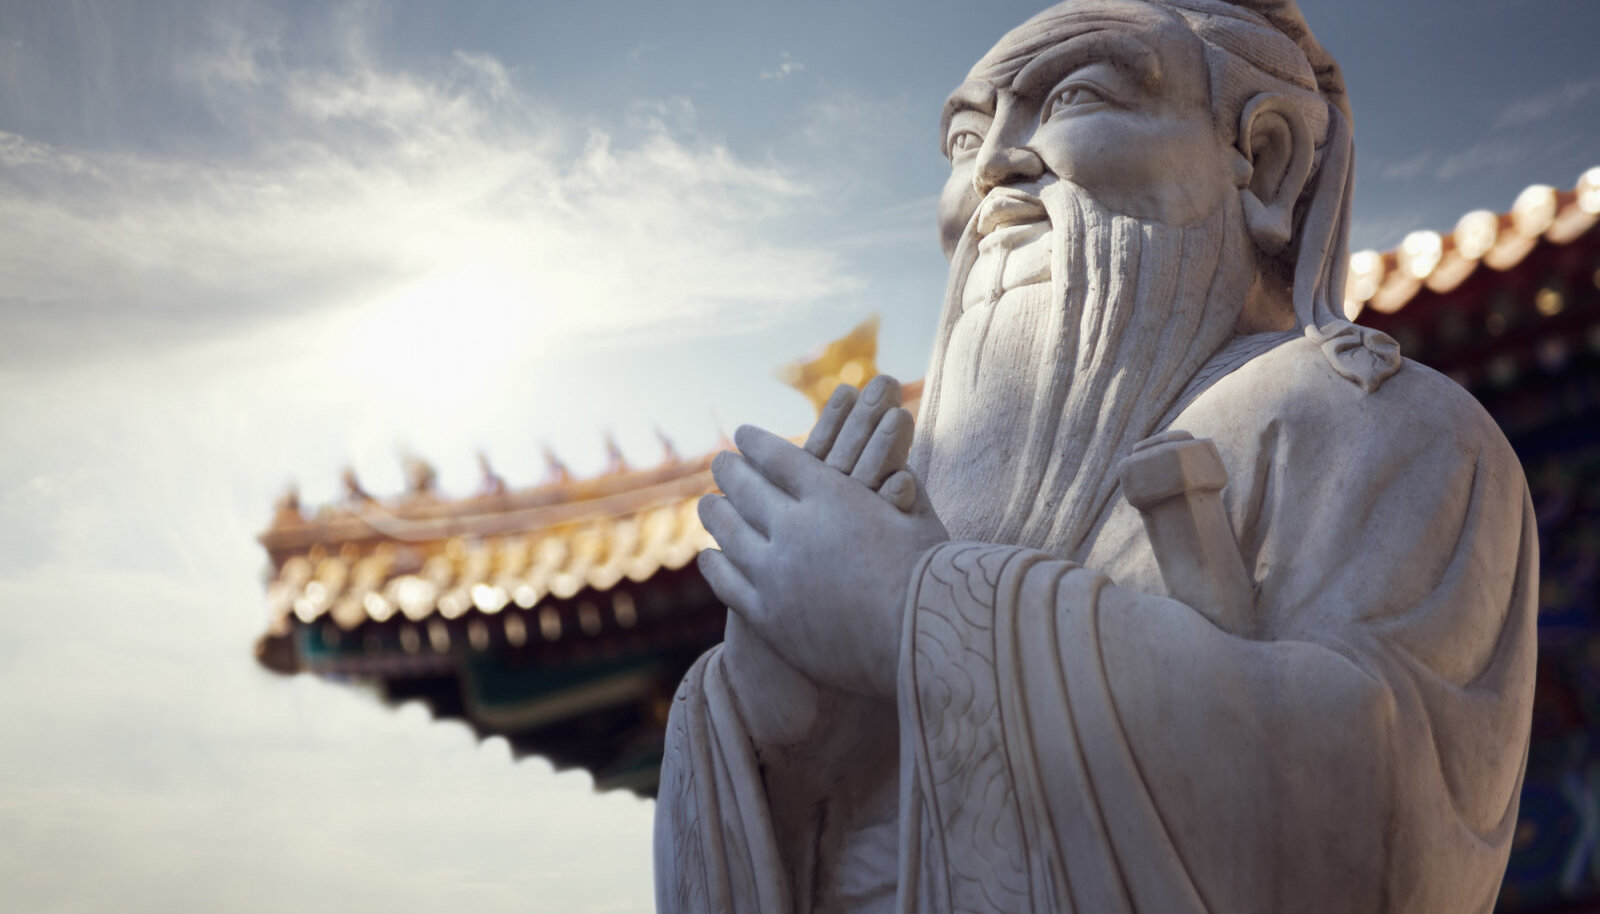 Konfutsius oli Vana-Hiina poliitik ja filosoof